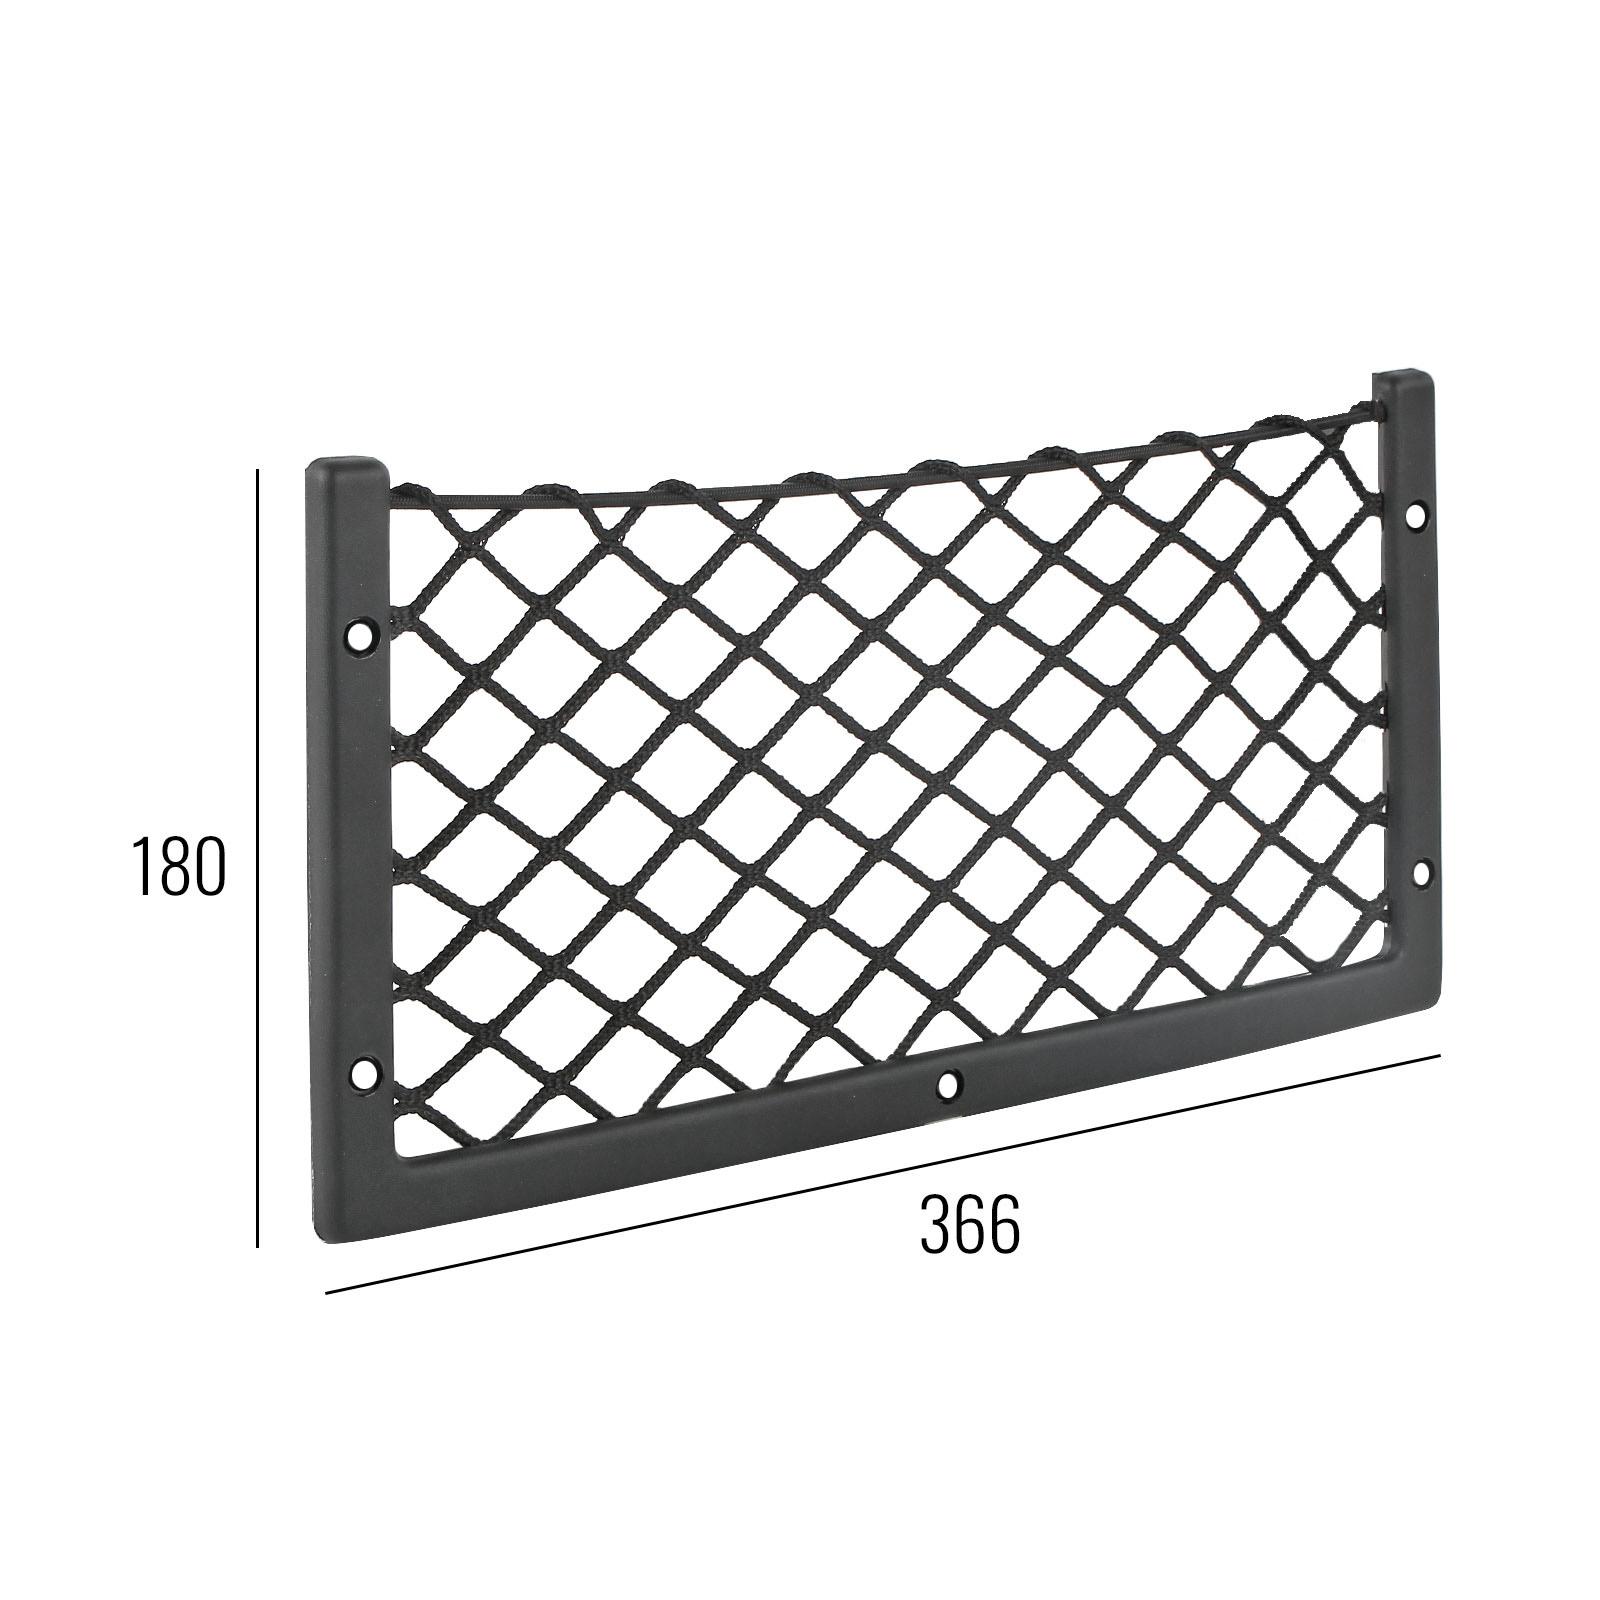 Netzablagefach M 366 x 180 mm, Nylonnetz mit Gummizug